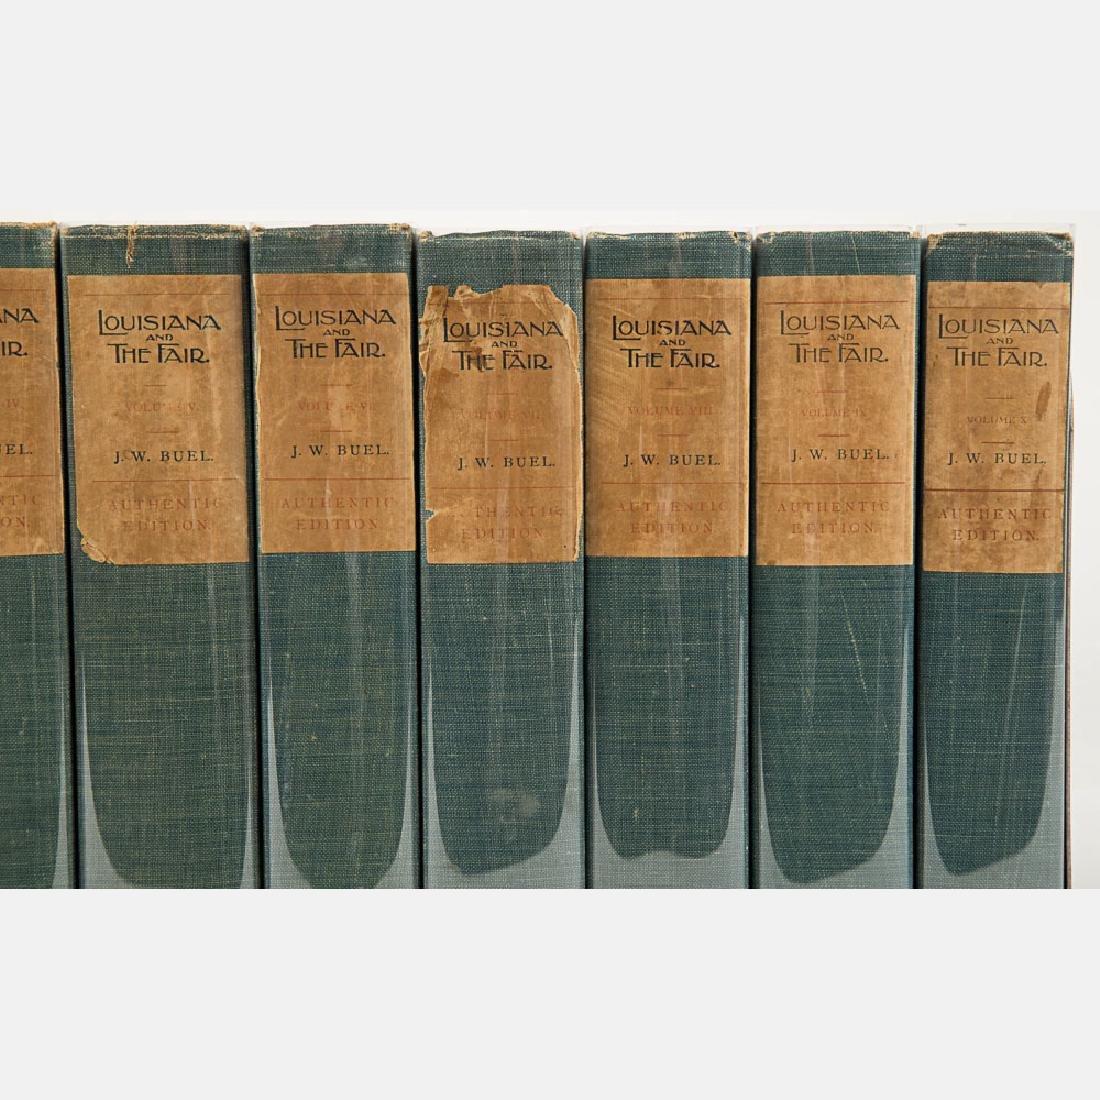 Buel, J.W. (1849-1920). ed. Louisiana and the Fair: An - 3